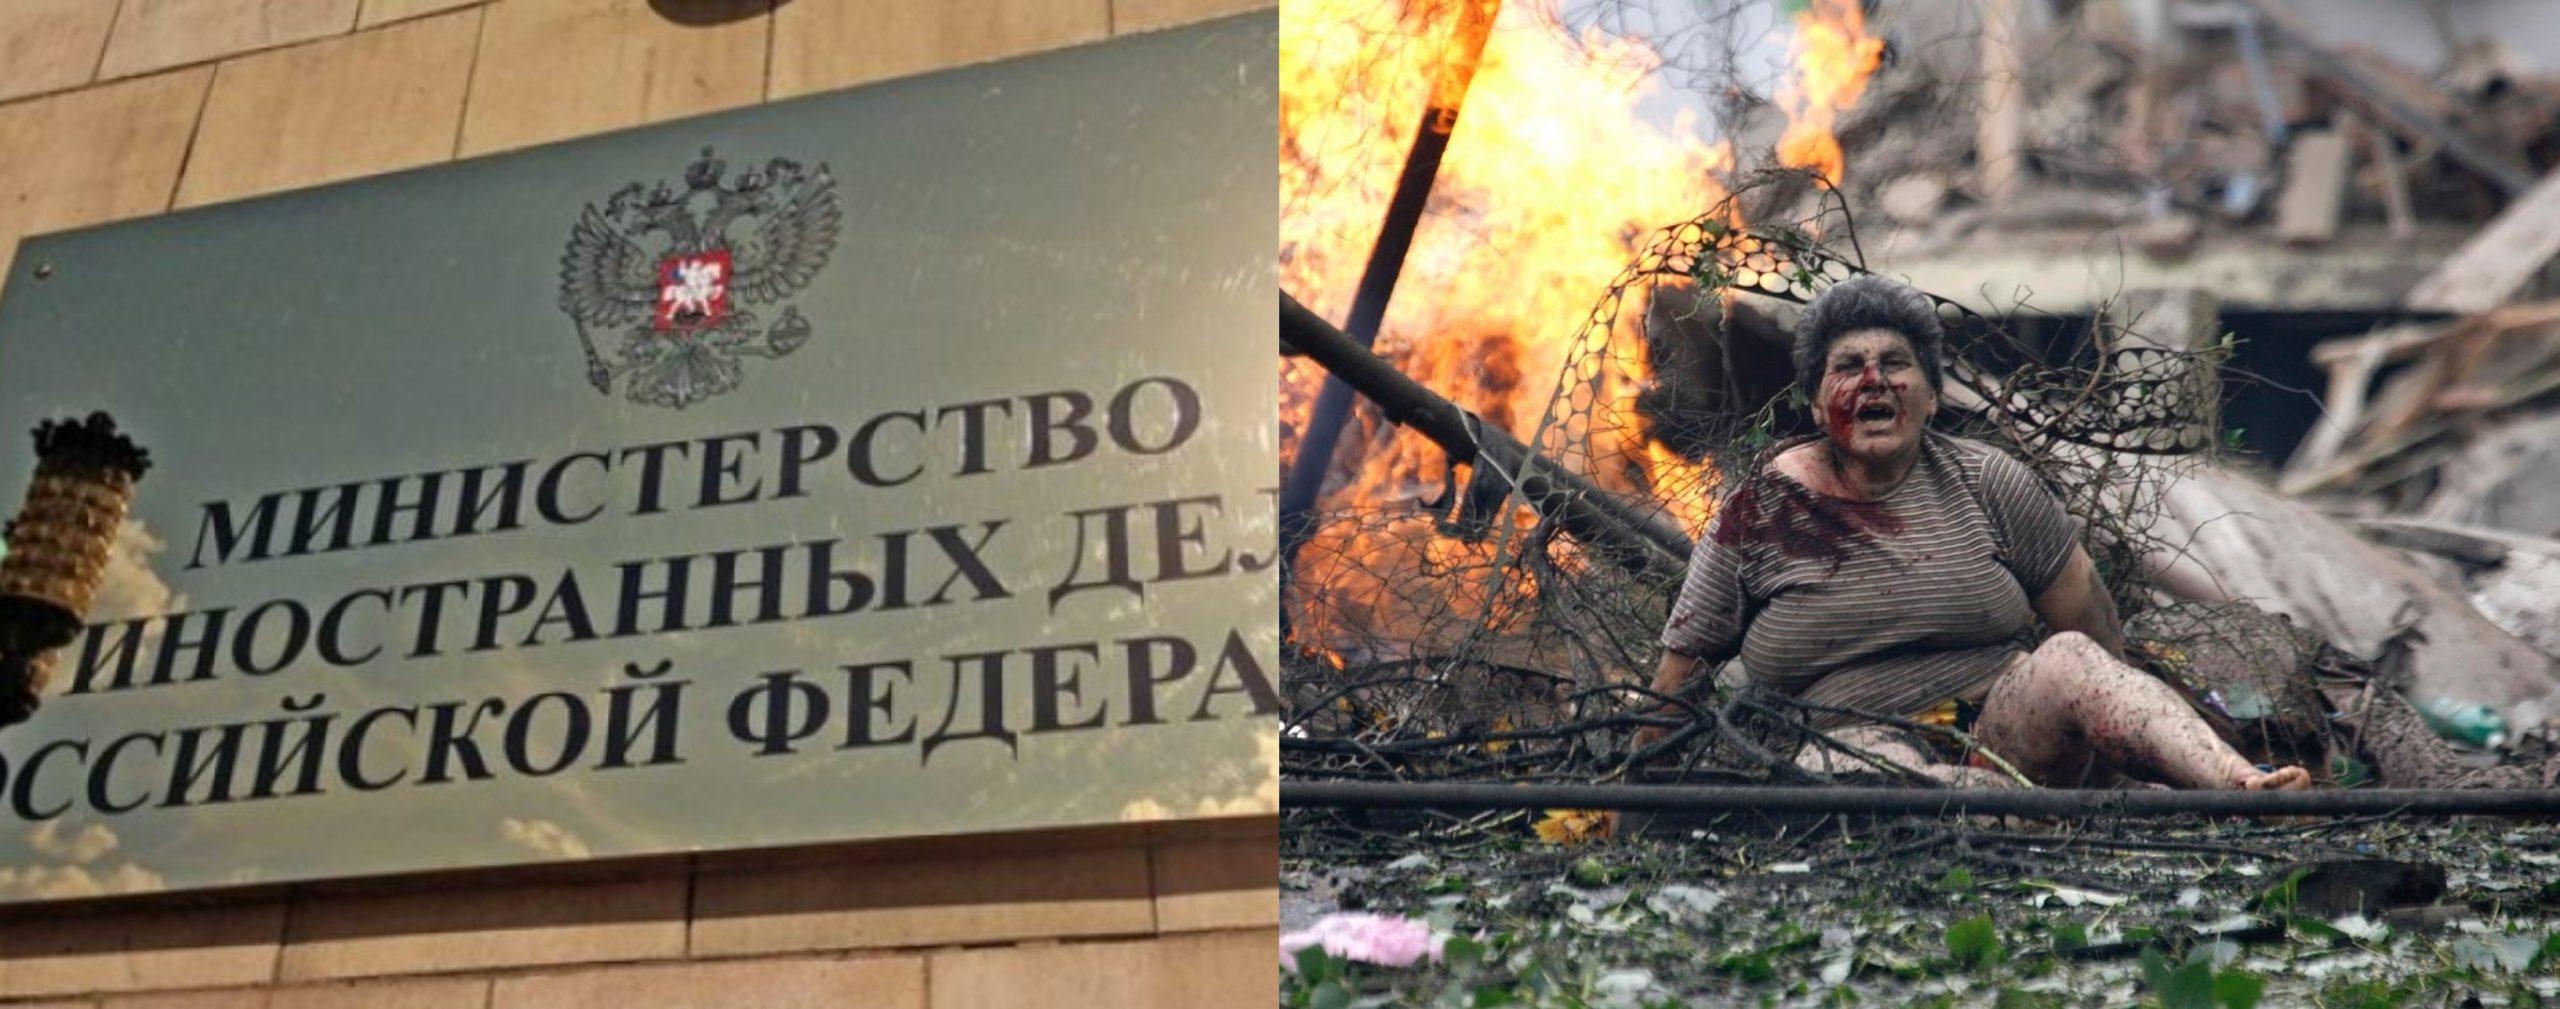 რუსეთი ახლო მეგობარ ქართველ ერს ყოველთვის უფრთხილდებოდა – კრემლის საგარეო უწყება